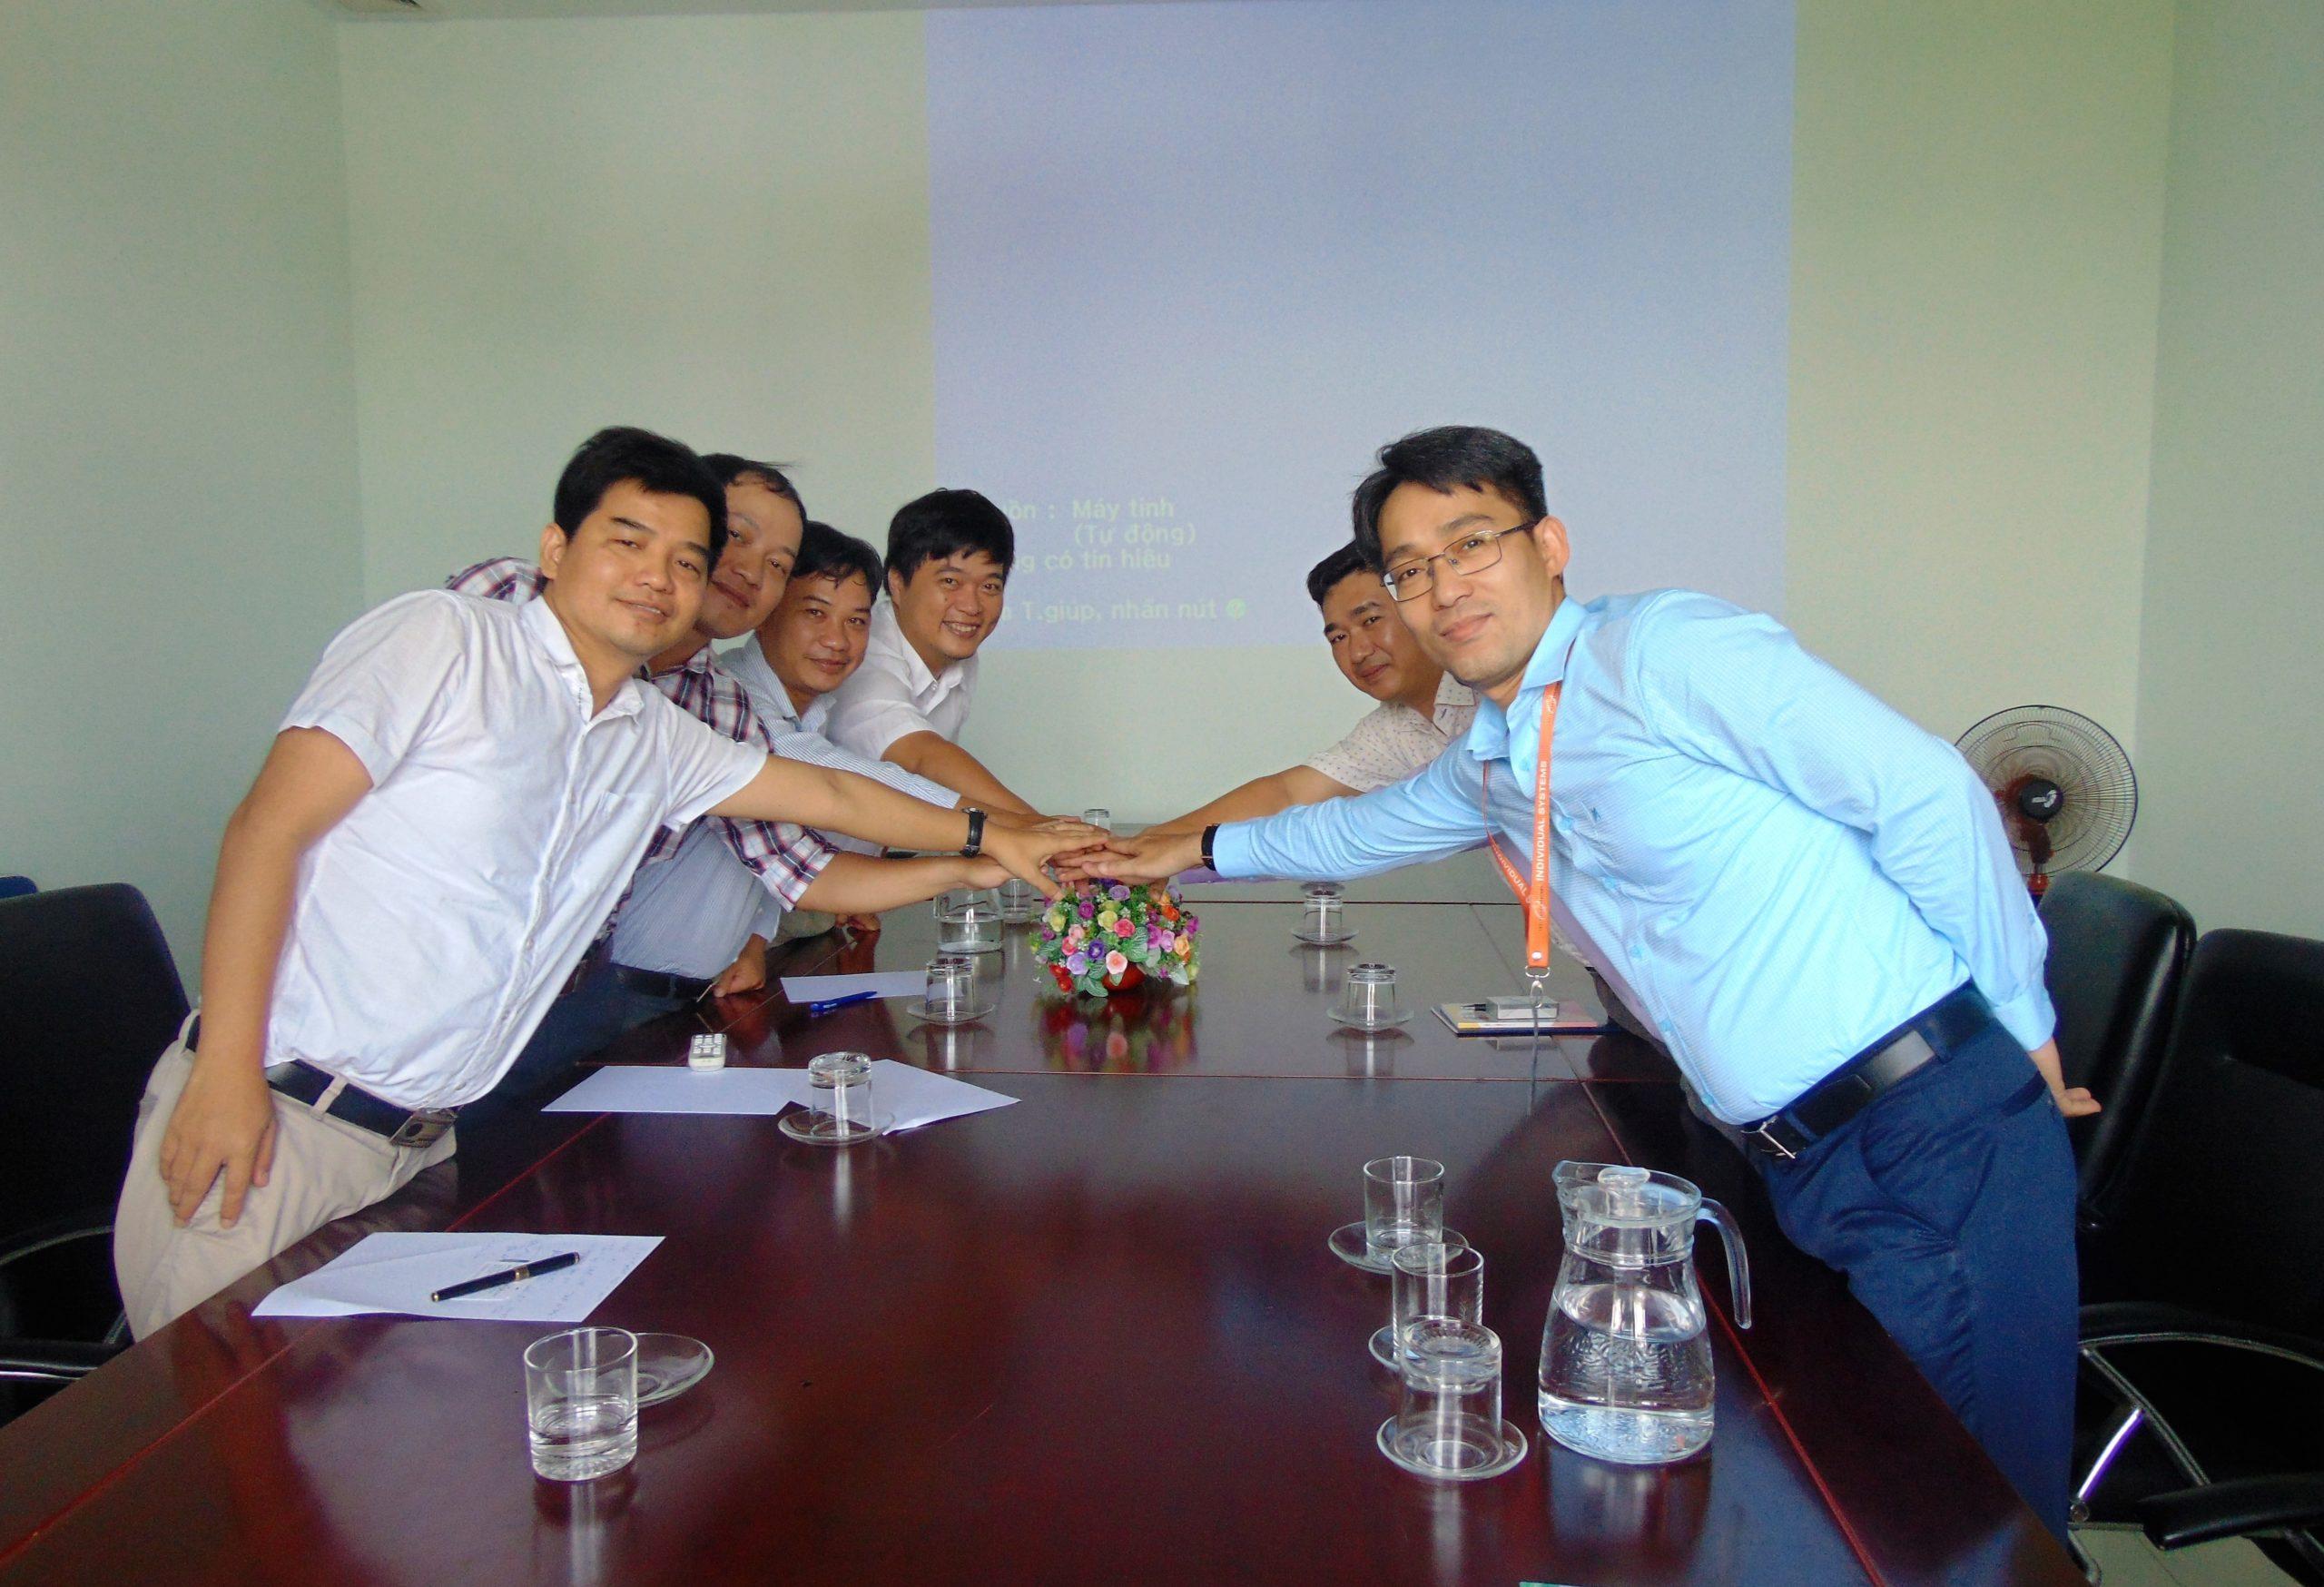 Khoa Công nghệ thông tin ĐH Thái Bình Dương sẽ hợp tác với đối tác thành lập phòng ADAI – Lab